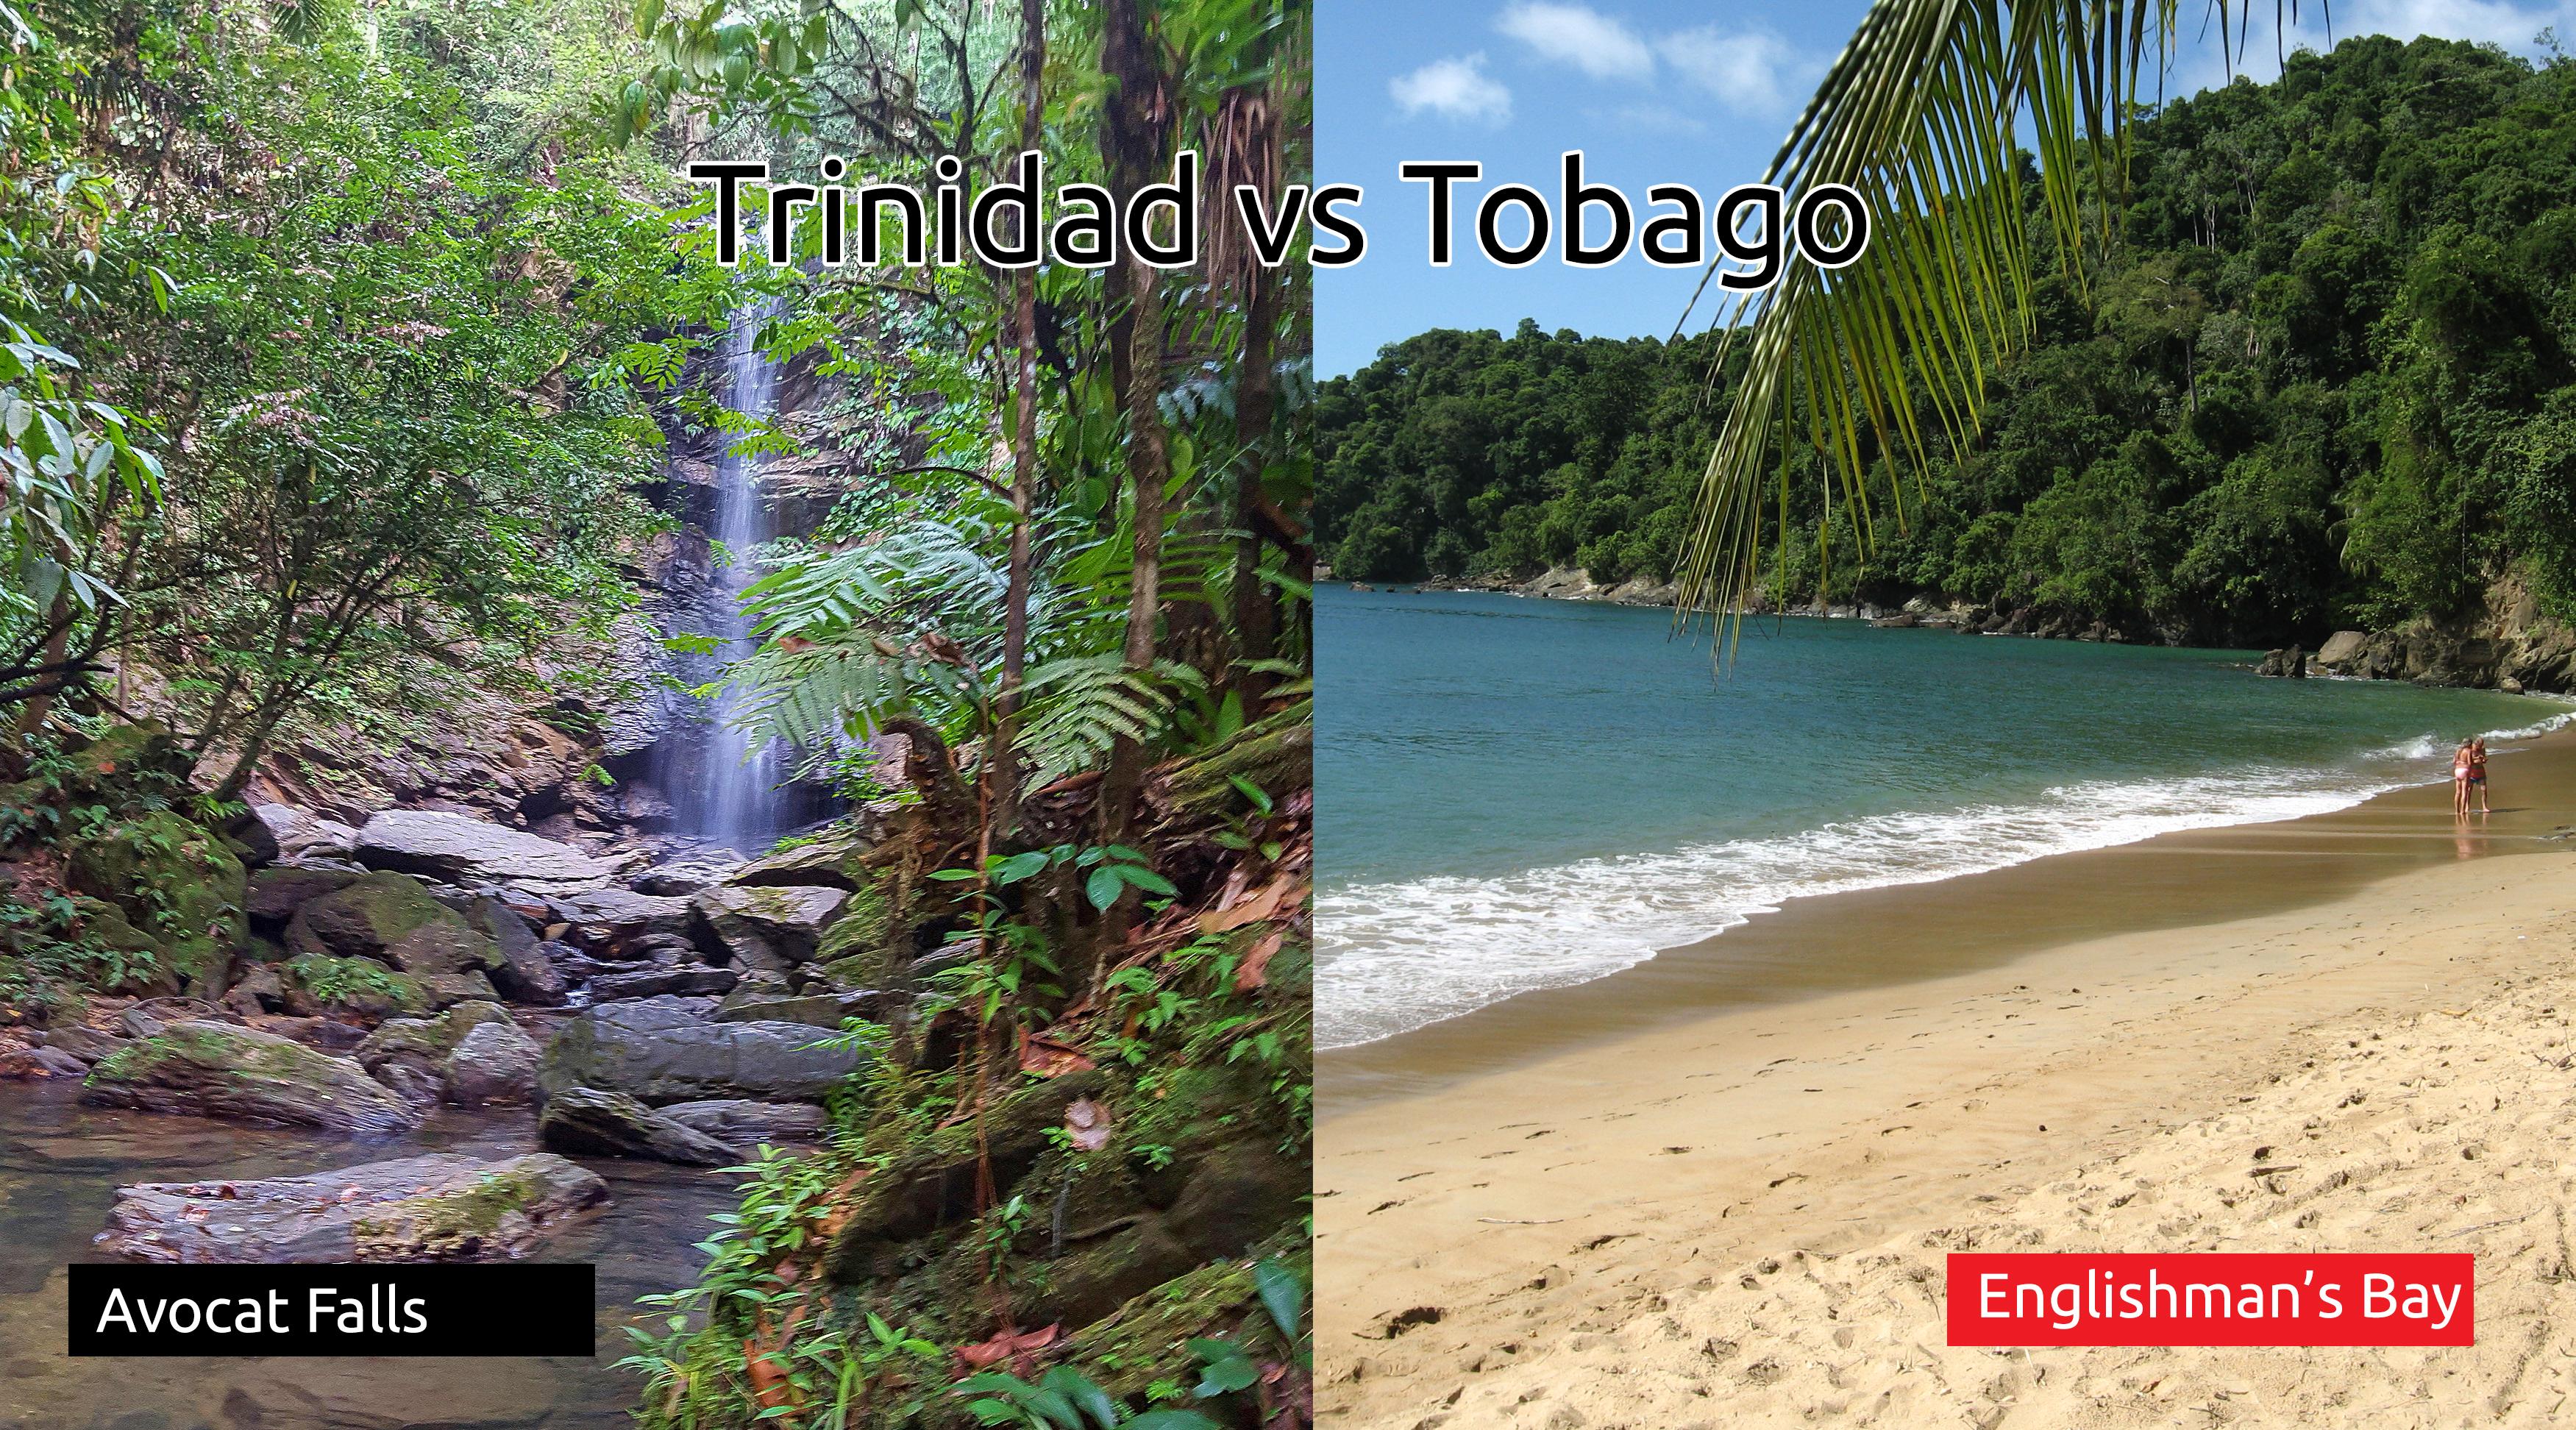 Trinidad VS Tobago? Pick an Island